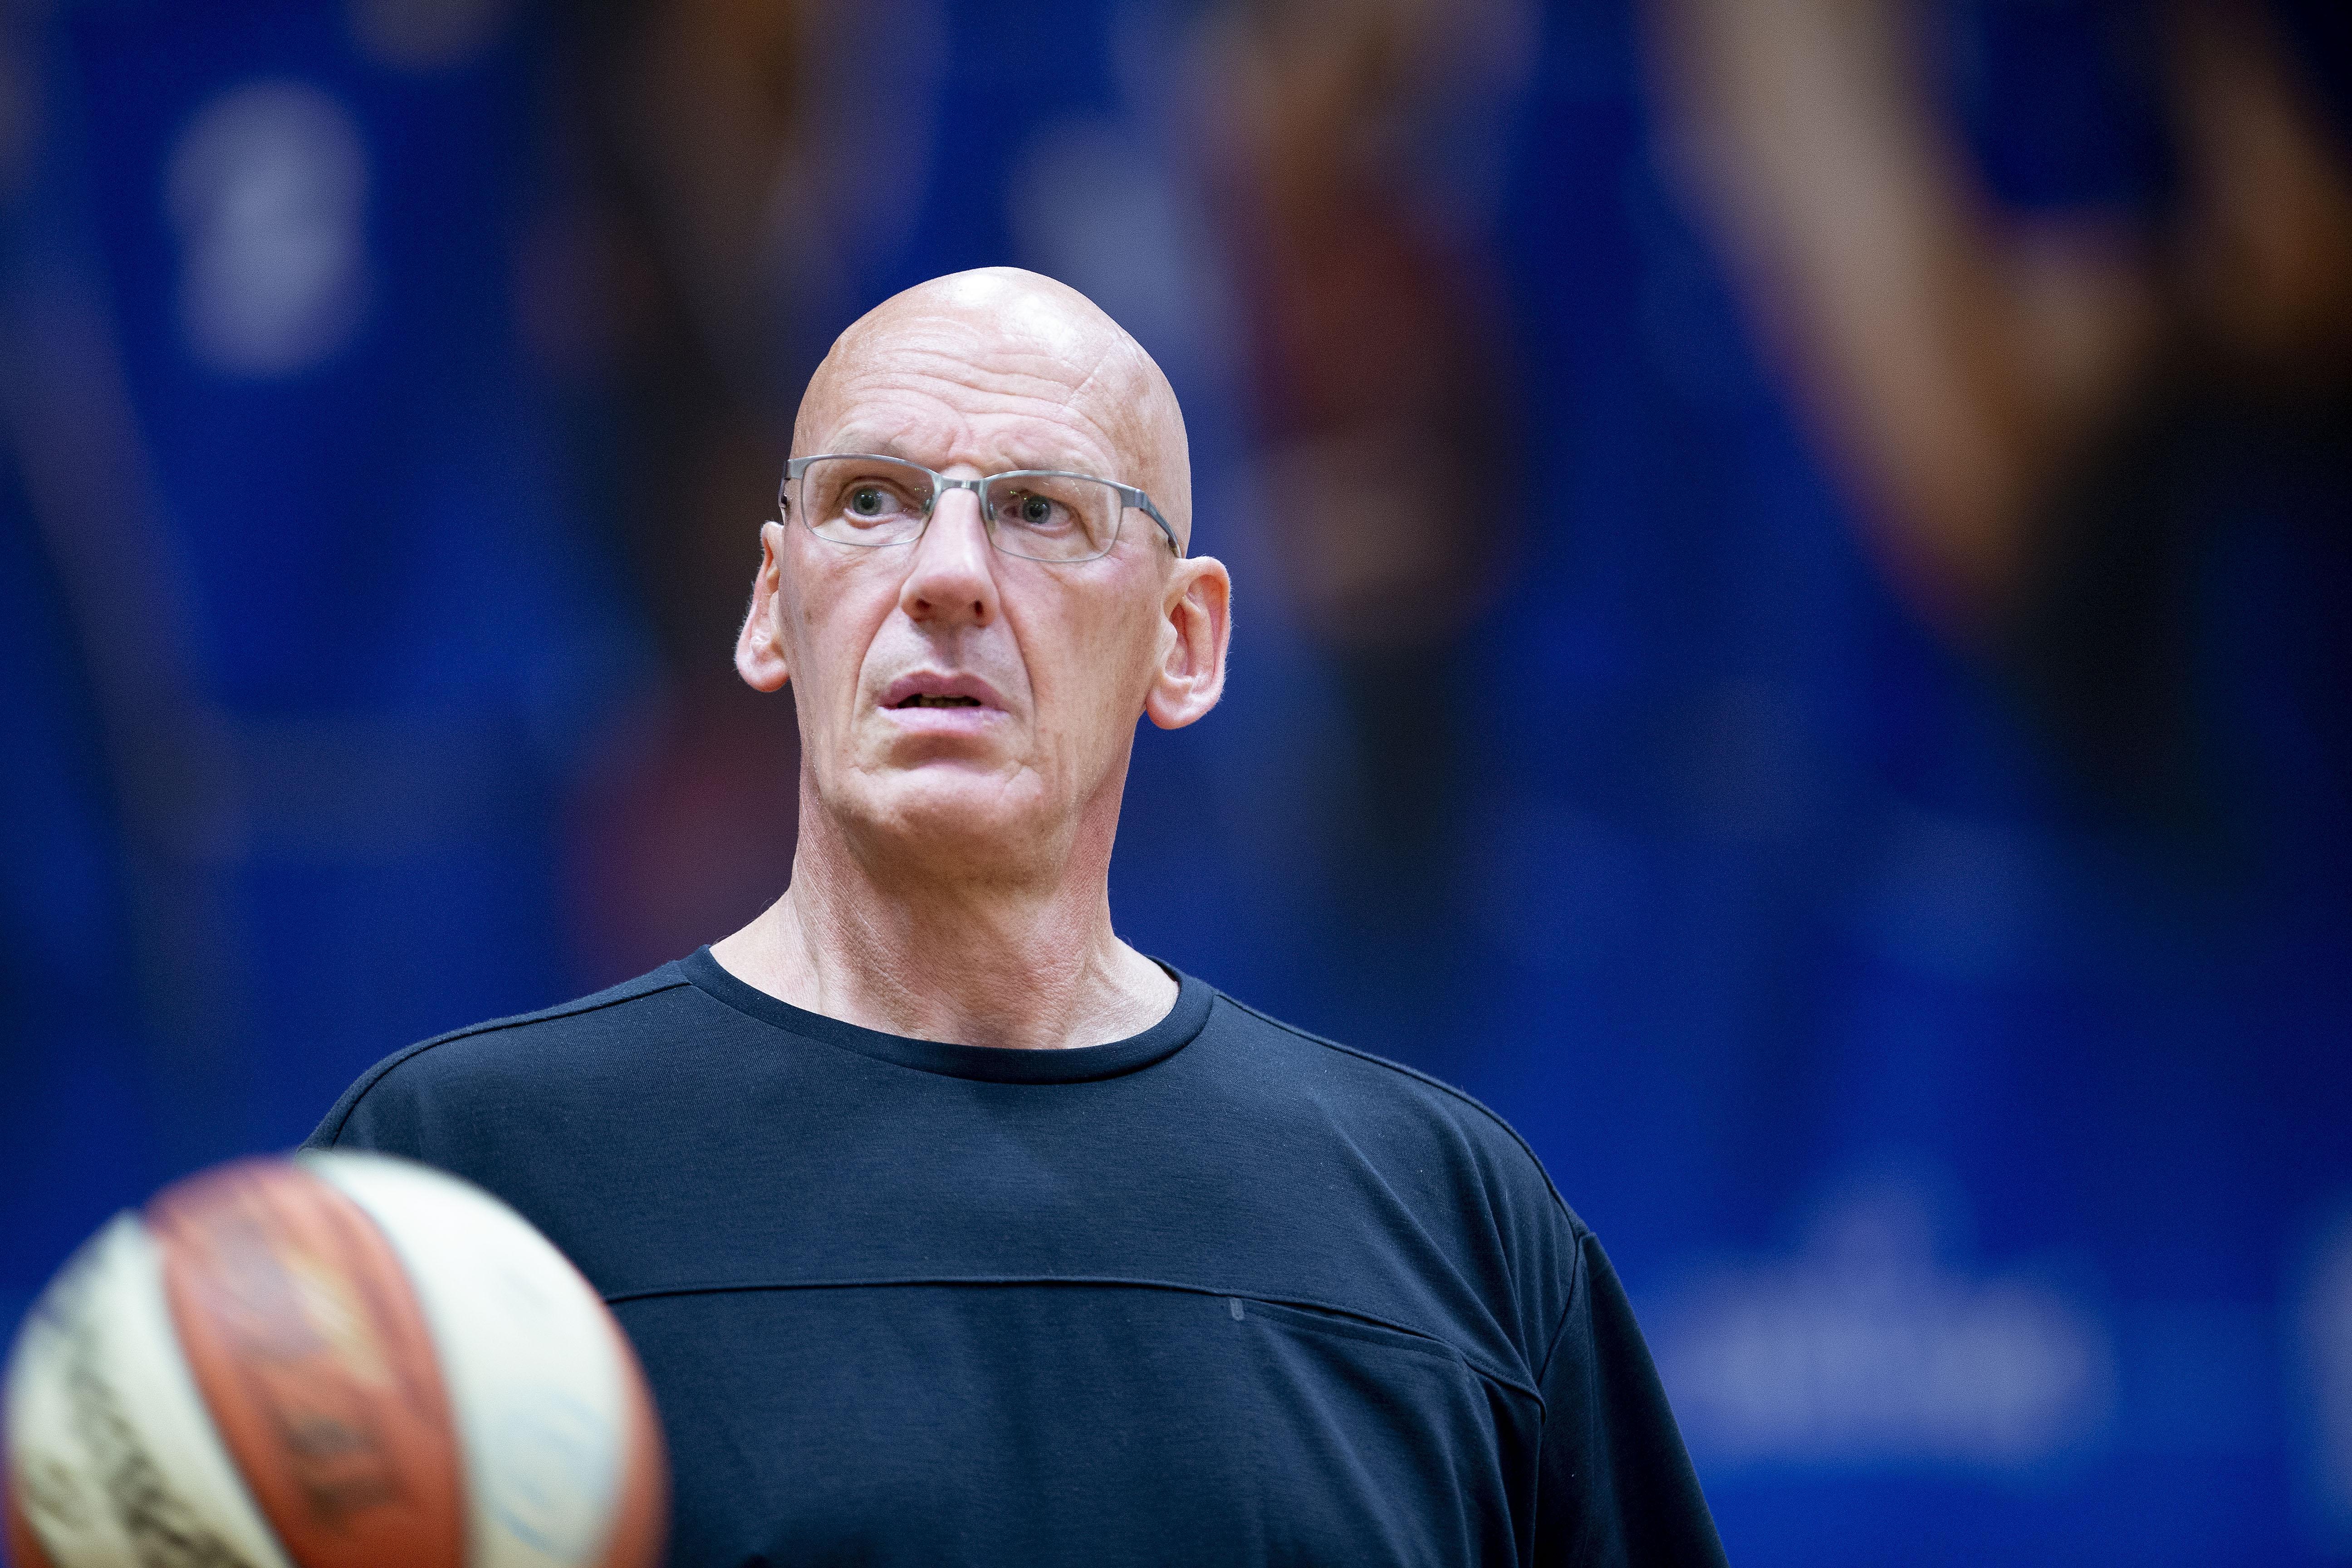 Basketbalsters Den Helder verliezen ongeslagen status en dat doet pijn zegt coach Bennes: 'Het werd bij ons steeds chaotischer'